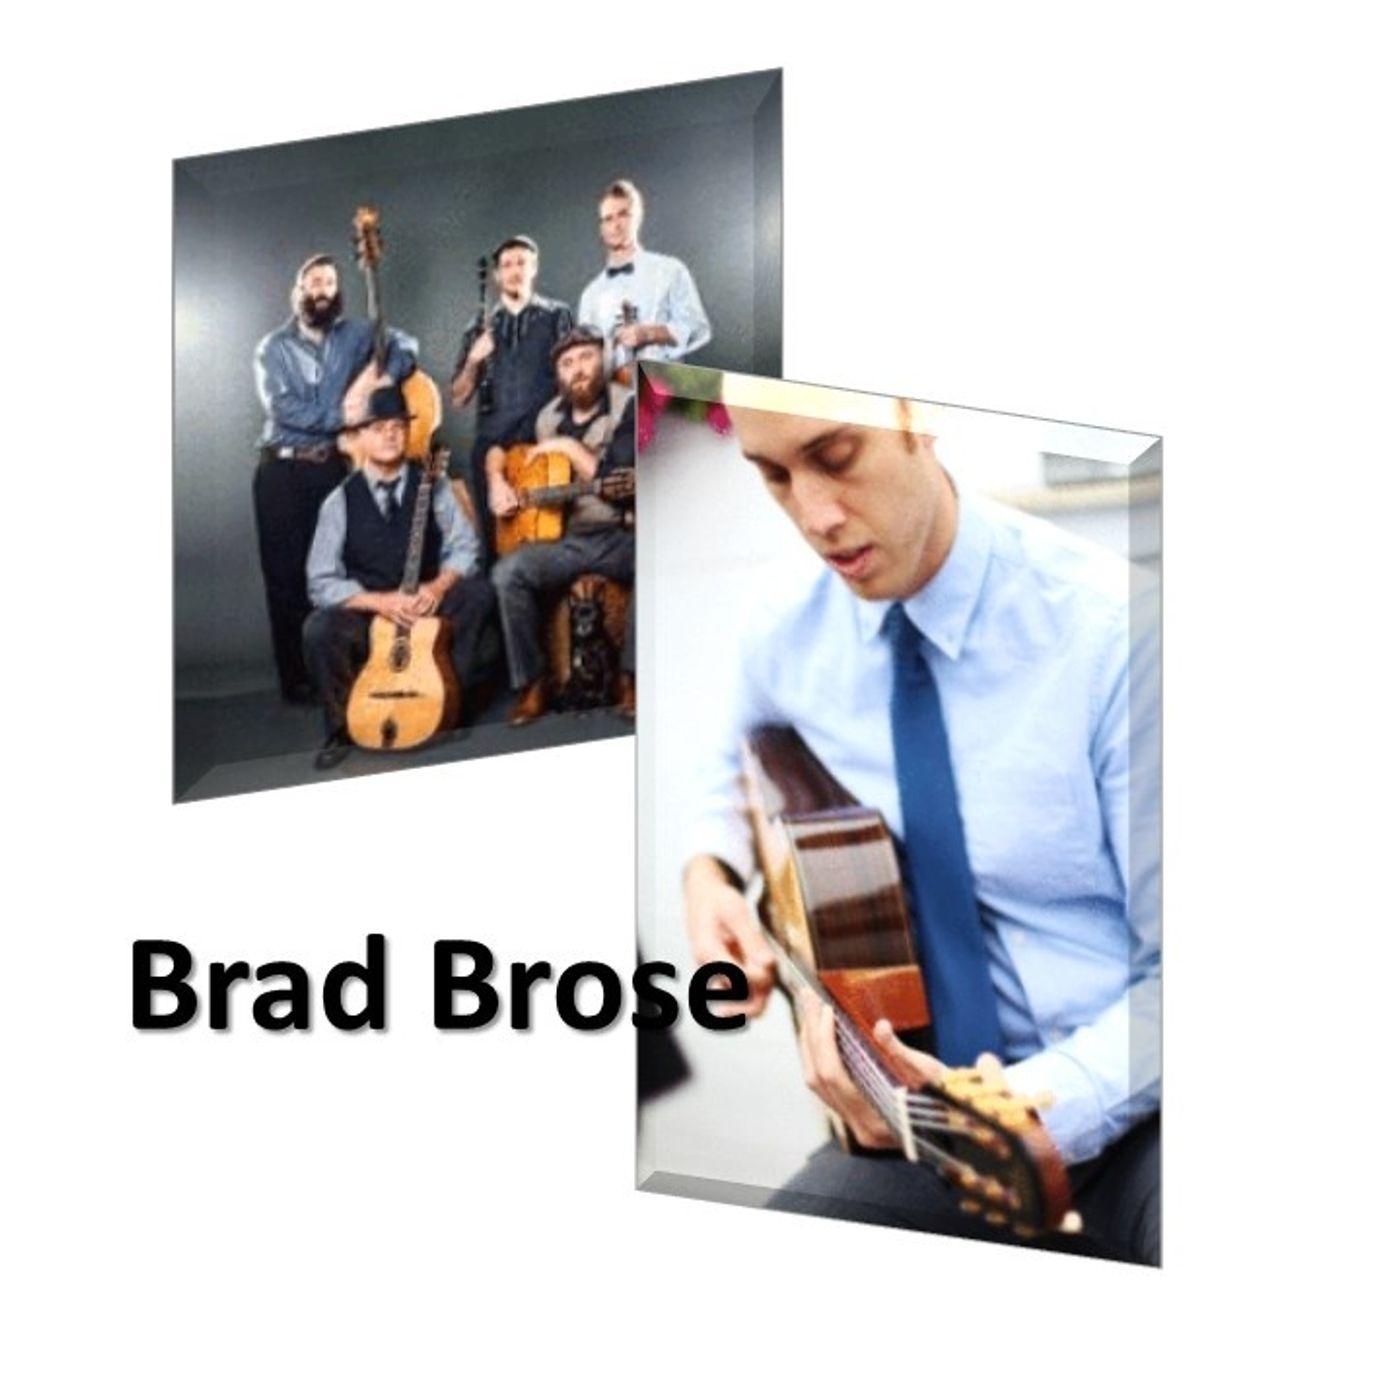 brad-brose_gypsy-jazz 5_28_1`9